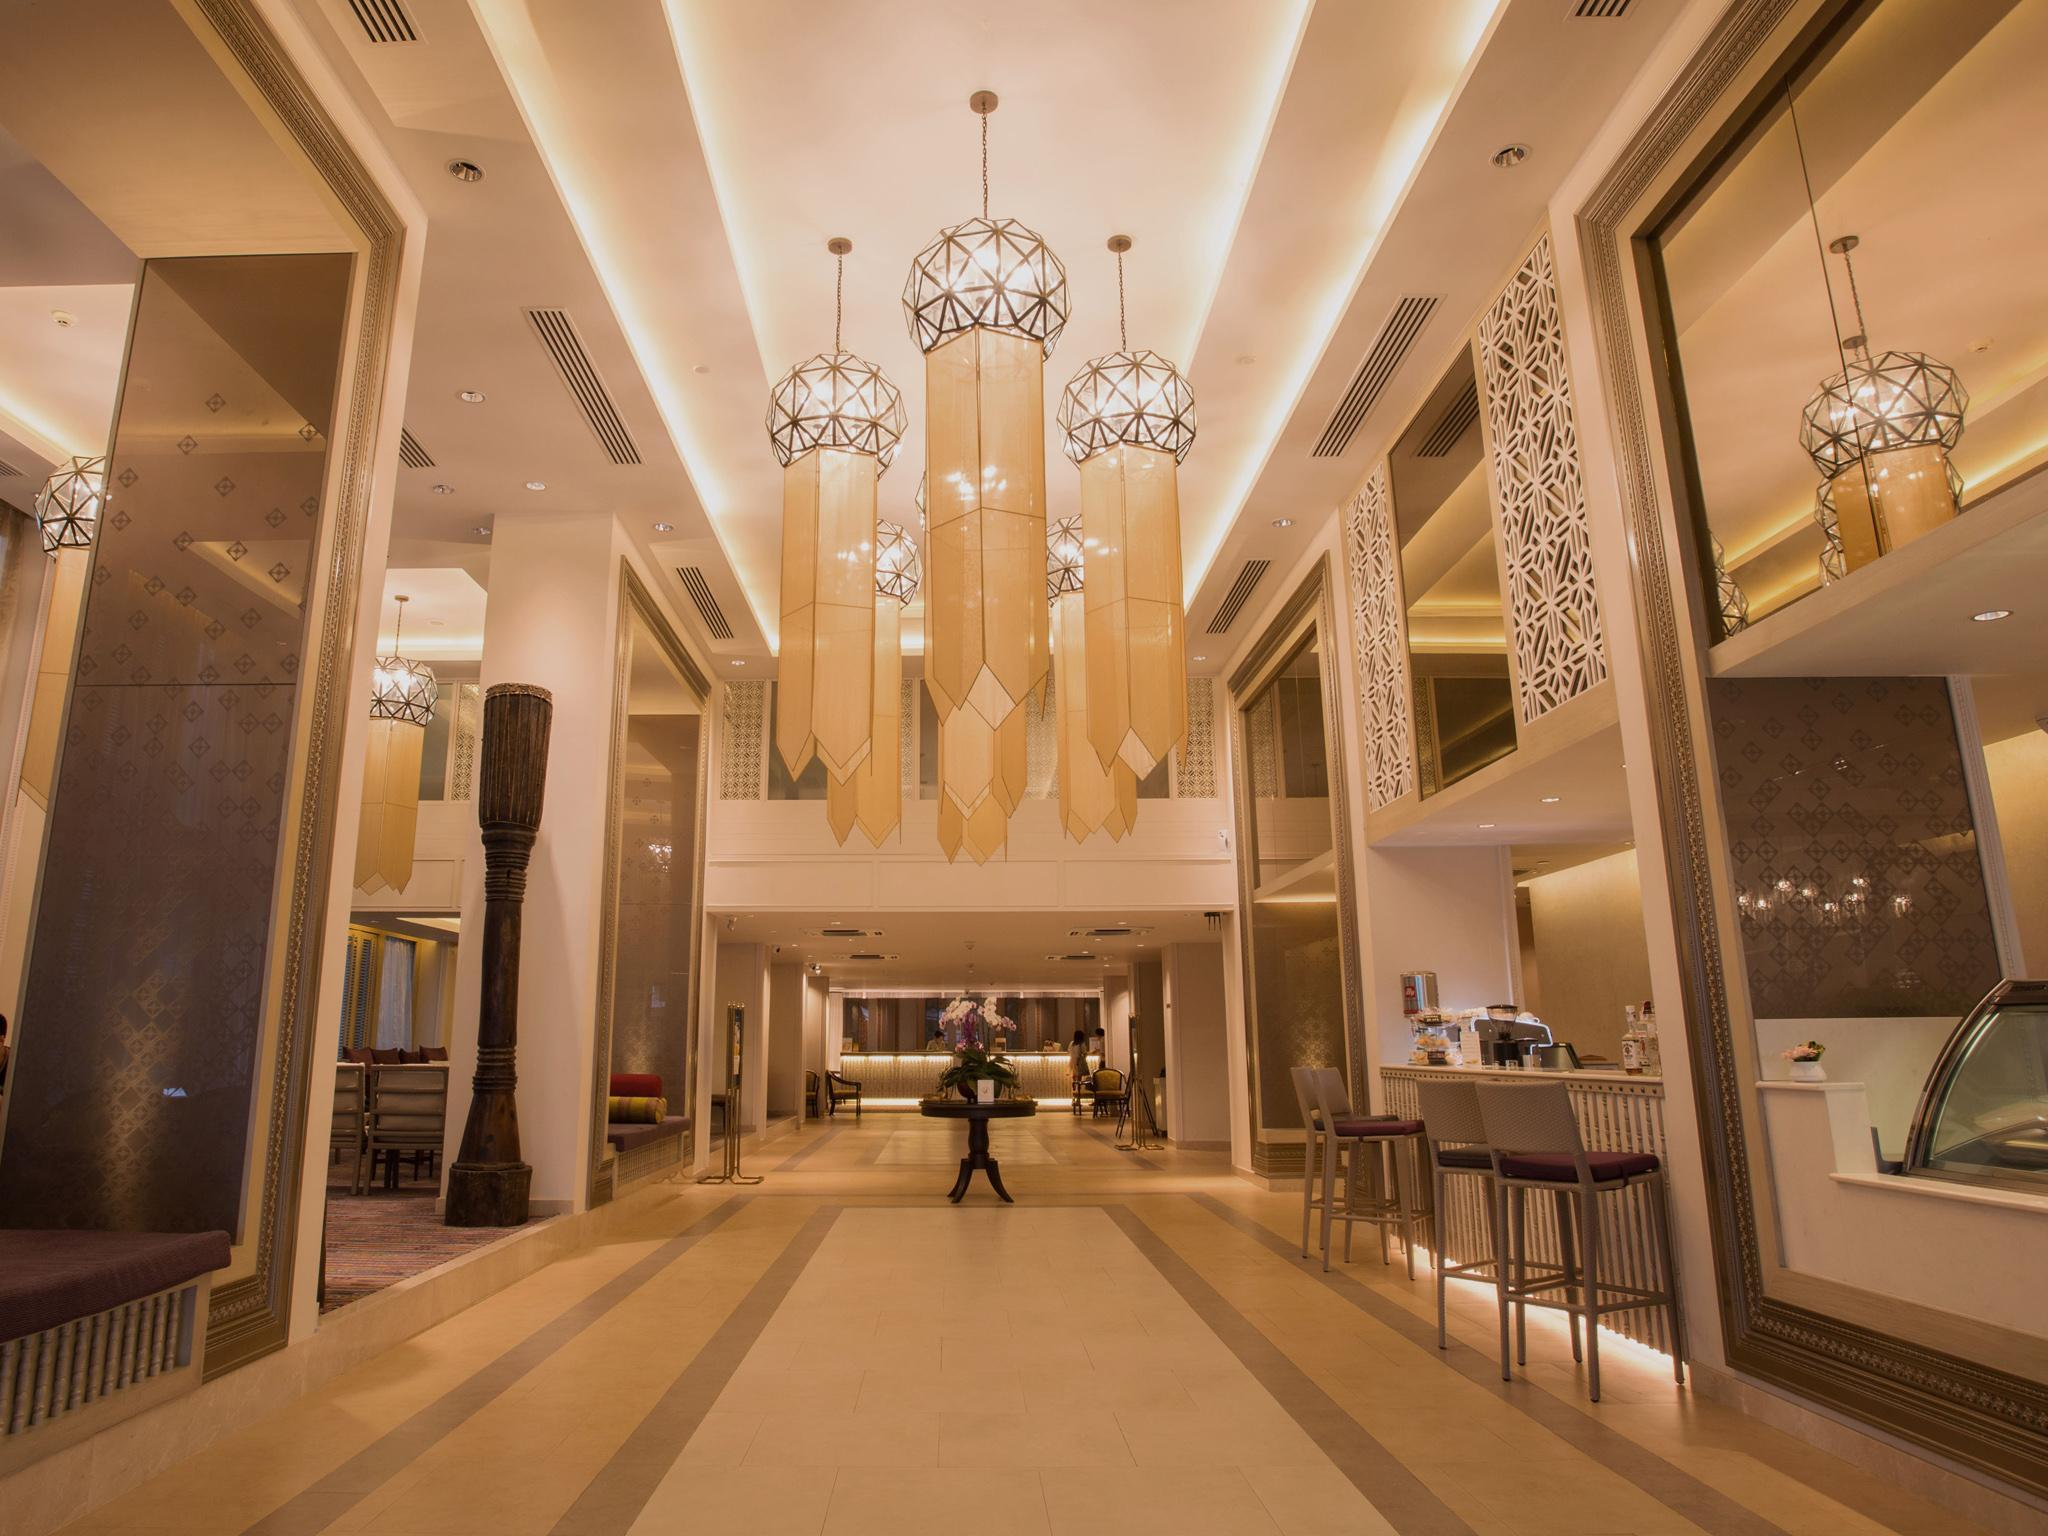 รีวิวแจ่มๆ โรงแรมดุสิต ปริ้นเซส เชียงใหม่ - เชียงใหม่ ราคาประหยัด